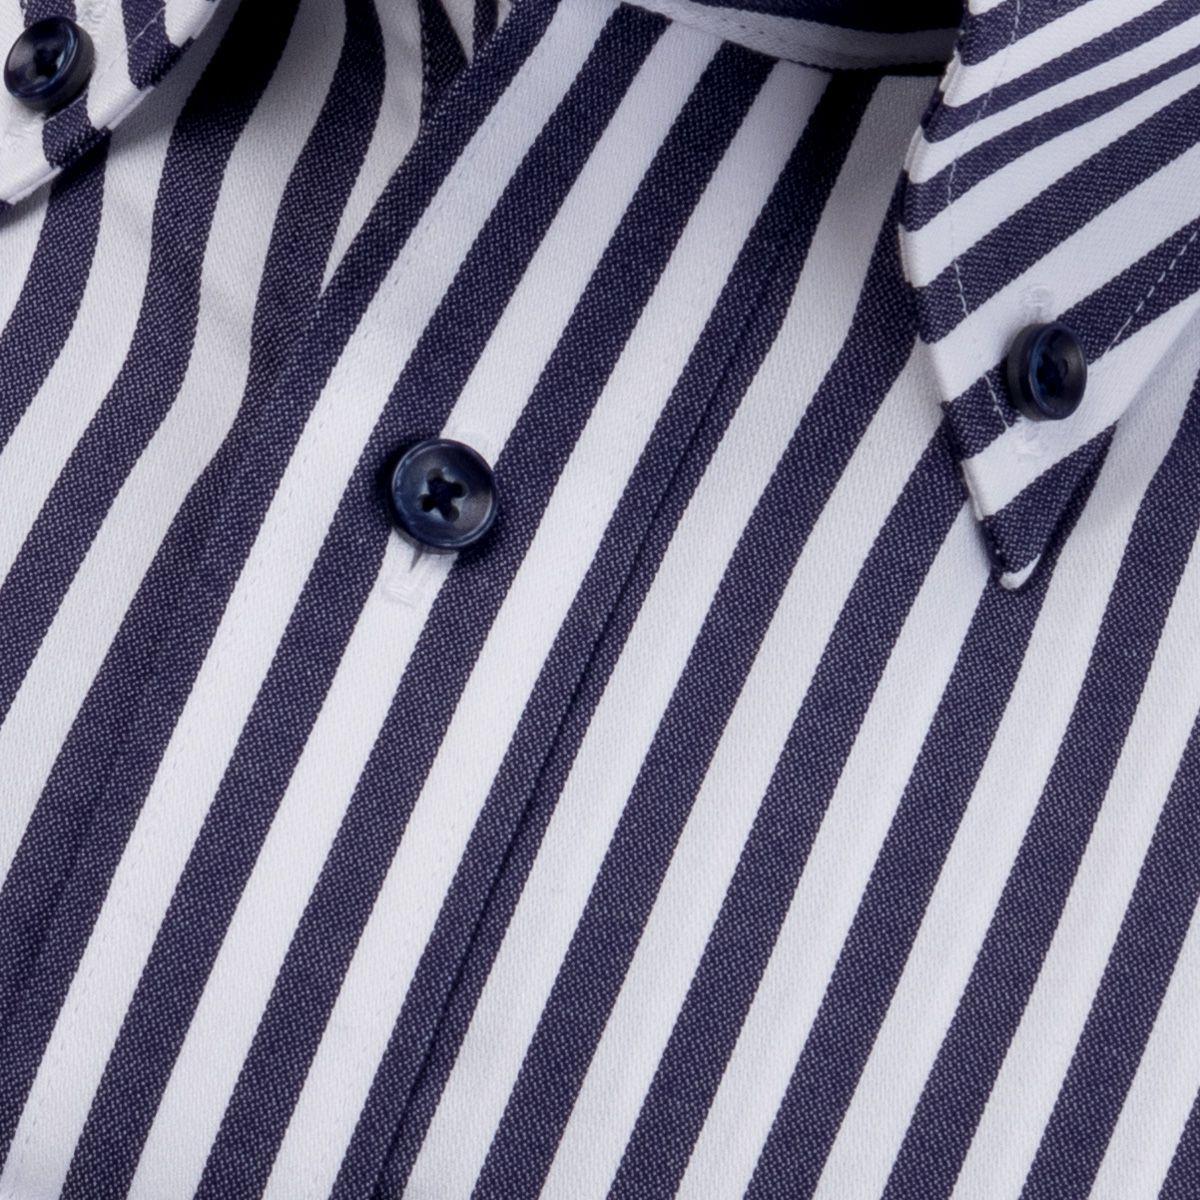 ピタッポ・形態安定 ボタンダウン ワイシャツ 長袖 【altblow classic】